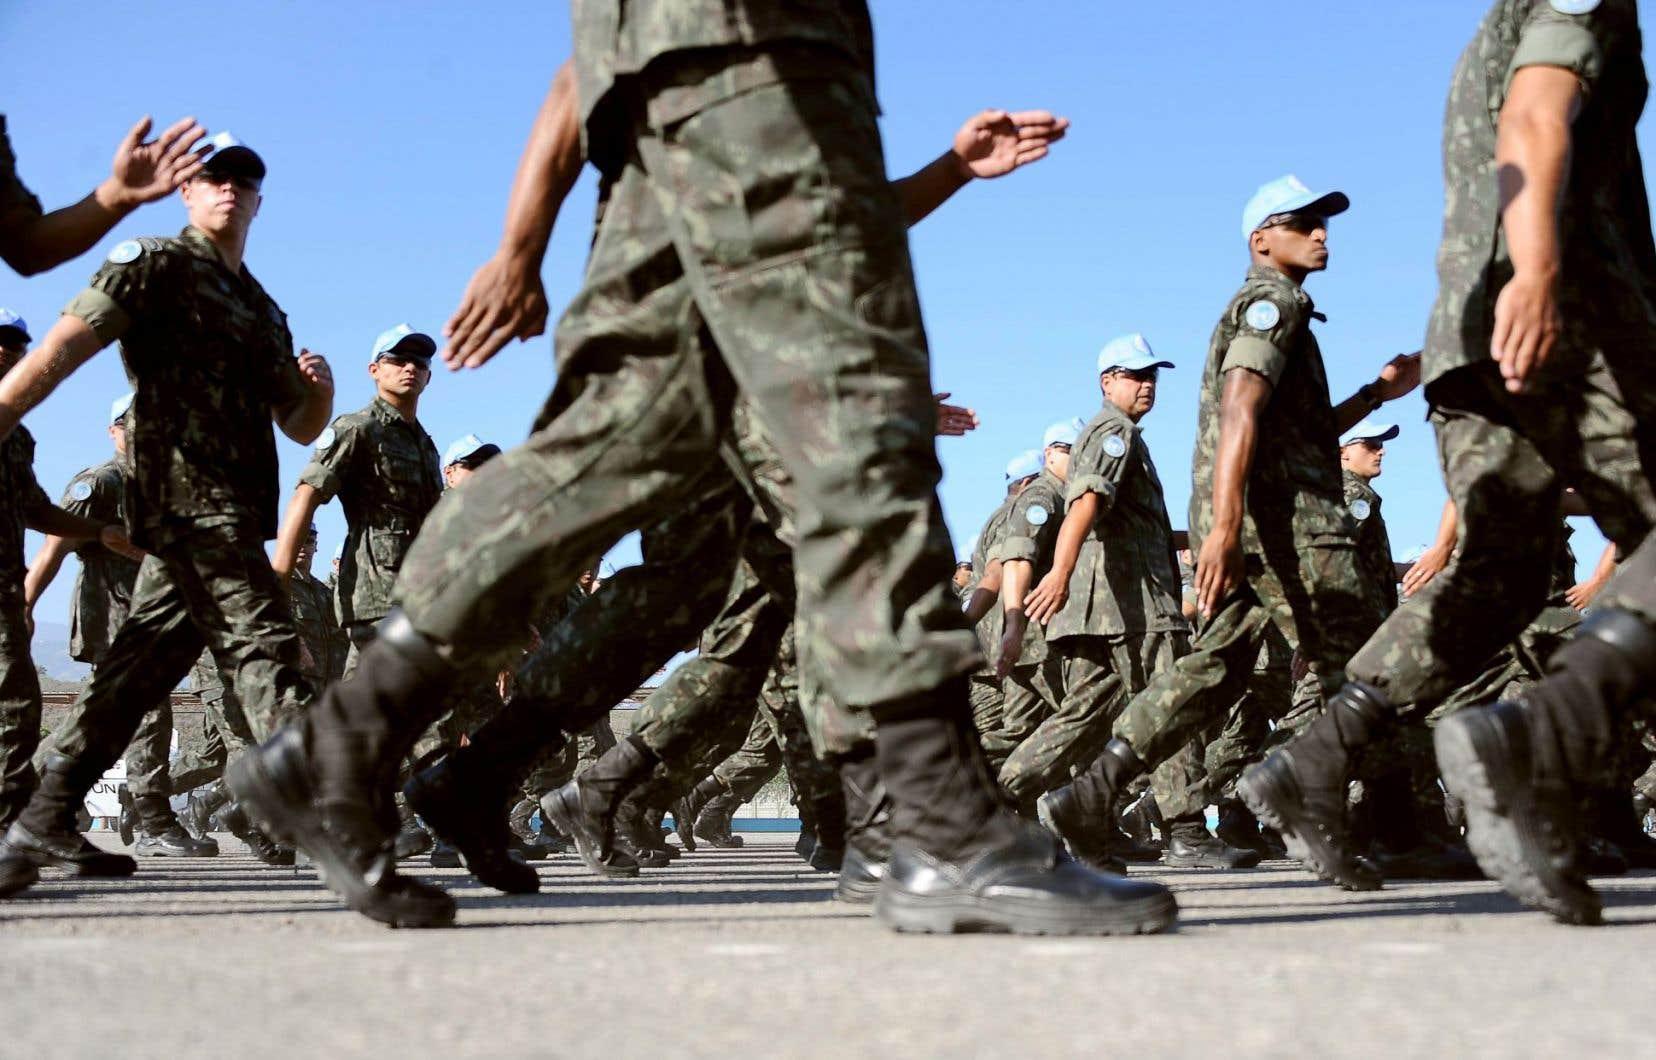 Les policiers faisaient partie de la MINUSTAH, déployée par l'ONU en Haïti. De nombreux cas d'inconduite sexuelle ont été recensés parmi les Casques bleus. Ci-dessus, des soldats brésiliens aussi membres de la mission de maintien de la paix défilent à Port-au-Prince.